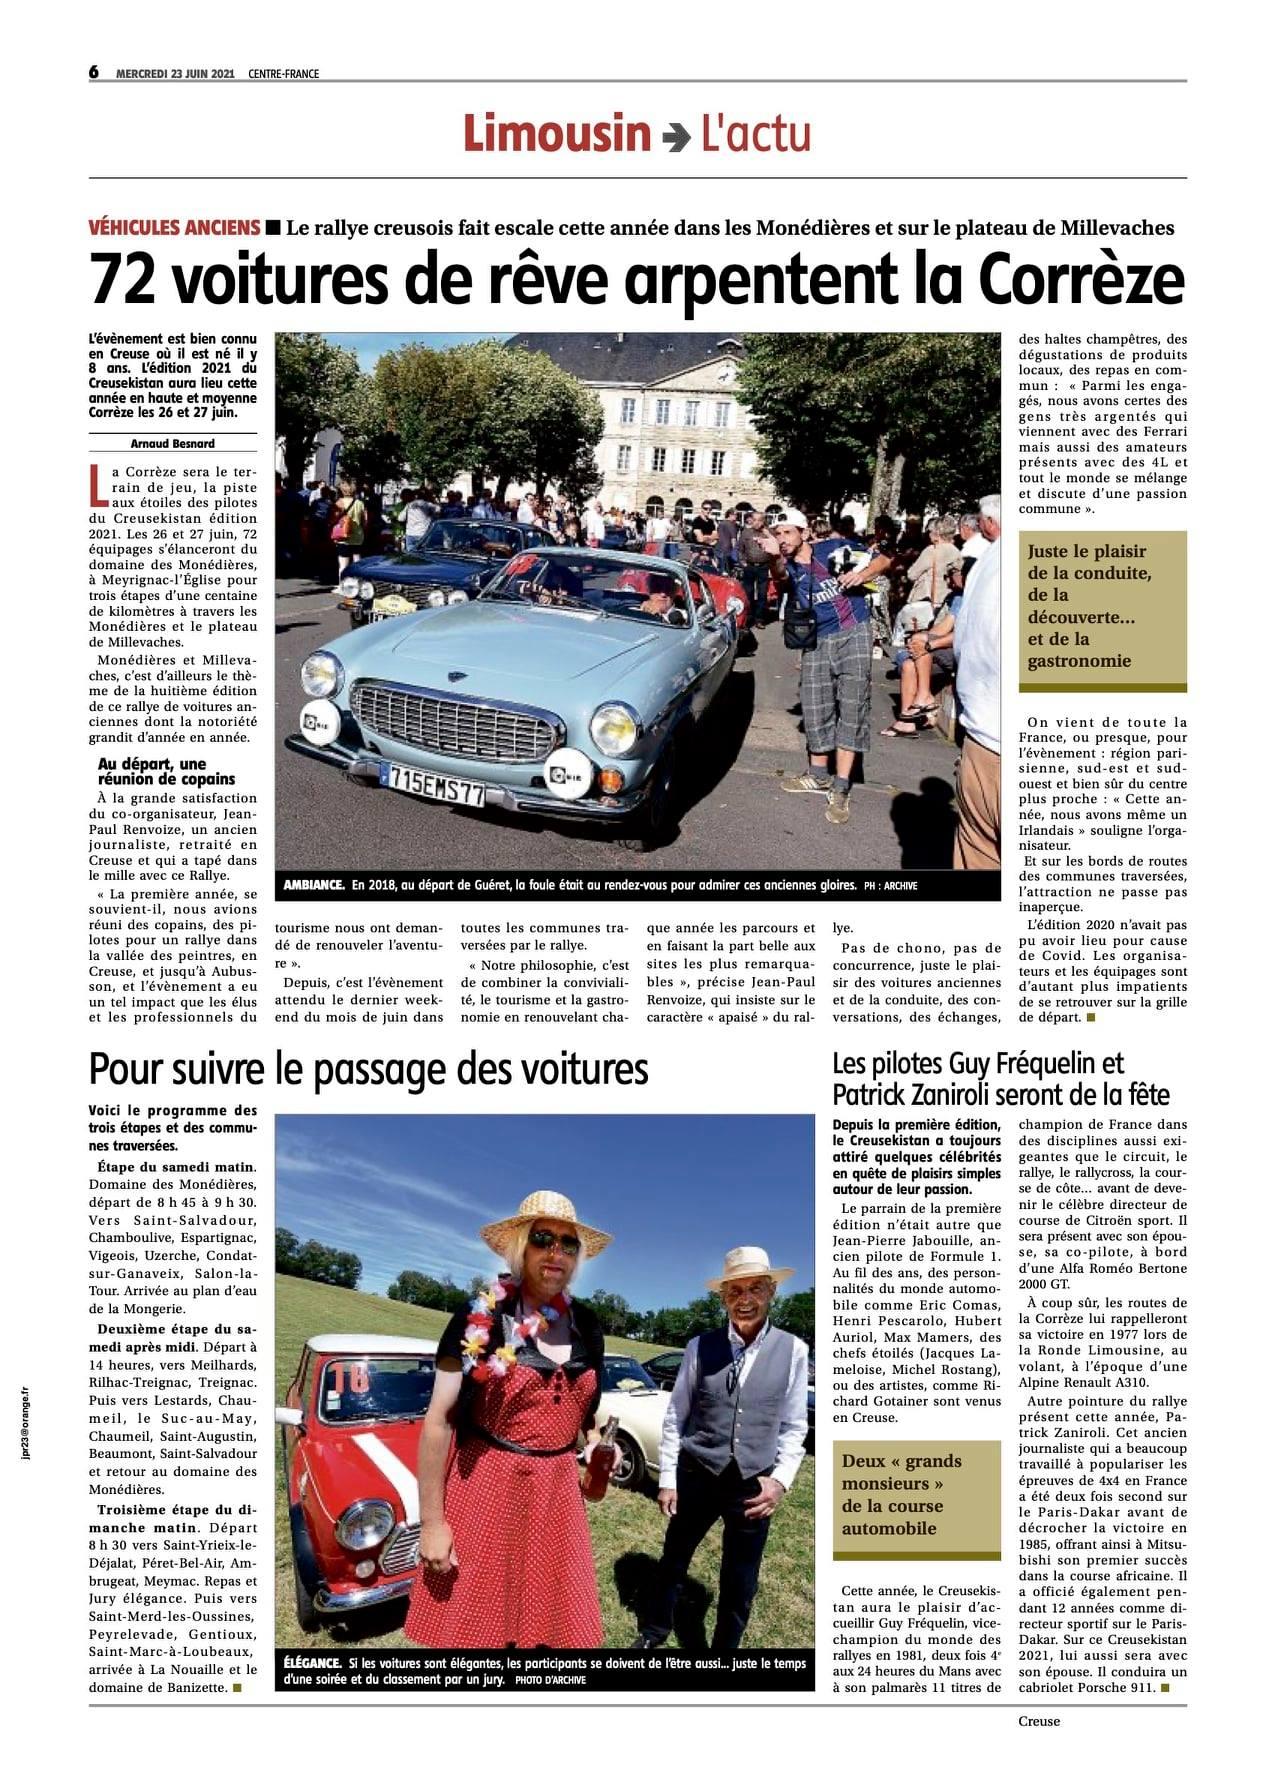 La Montagne édition du mercredi 23 juin, l'actu du Limousin